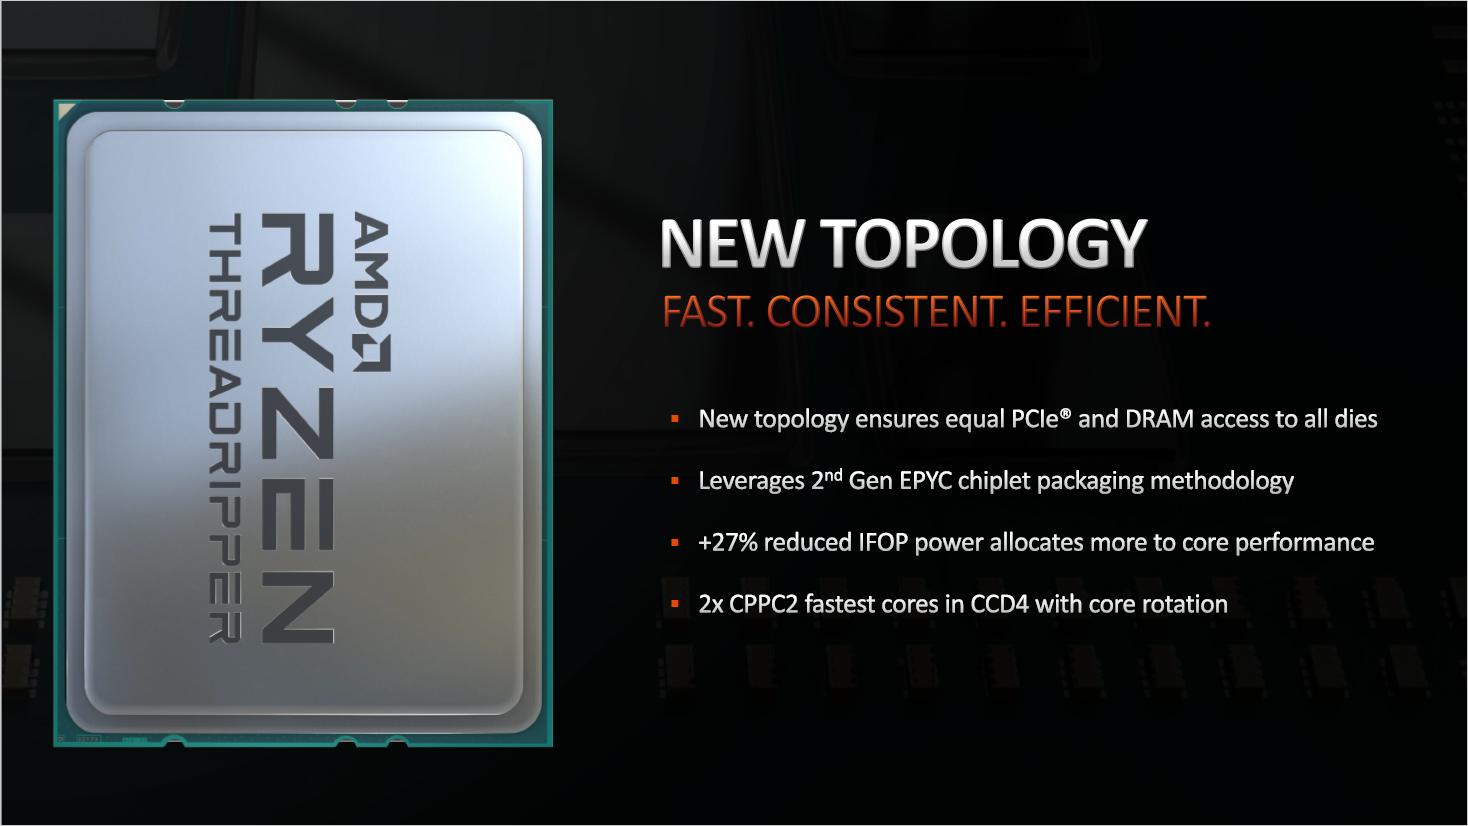 Threadripper 3970X/3960X im Test: AMD wird uneinholbar - Diese Topology hilft unter Windows 10. (Bild: AMD)